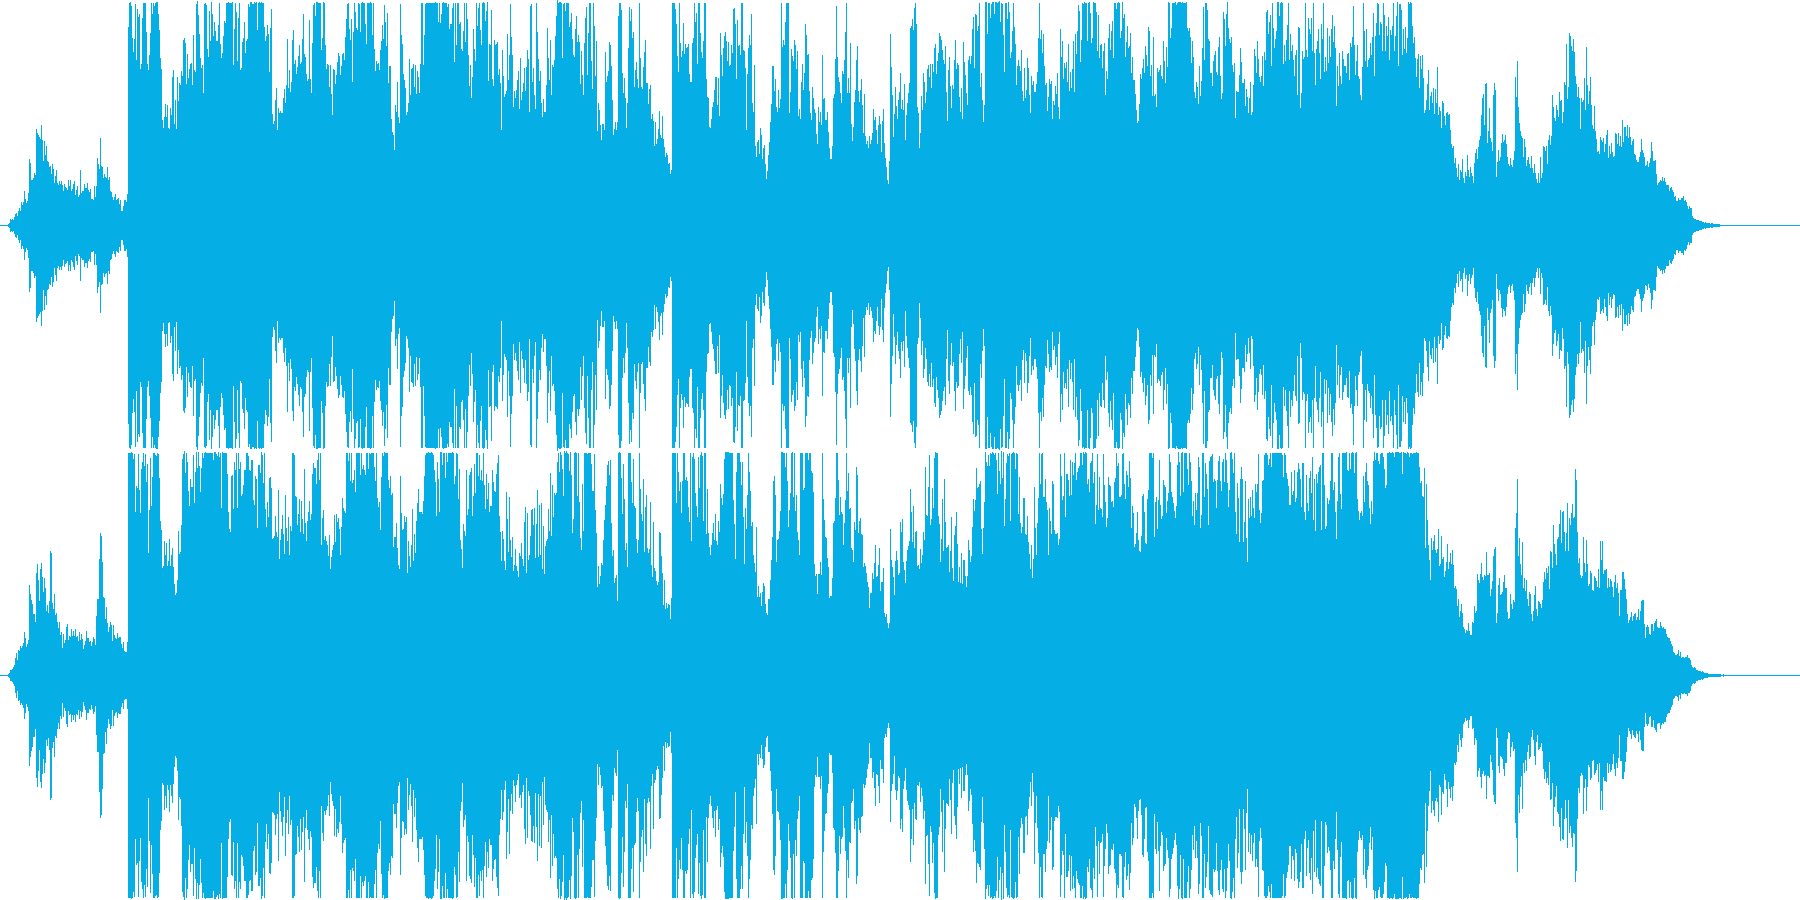 二胡が優美に奏でる壮大なオリエンタル音楽の再生済みの波形